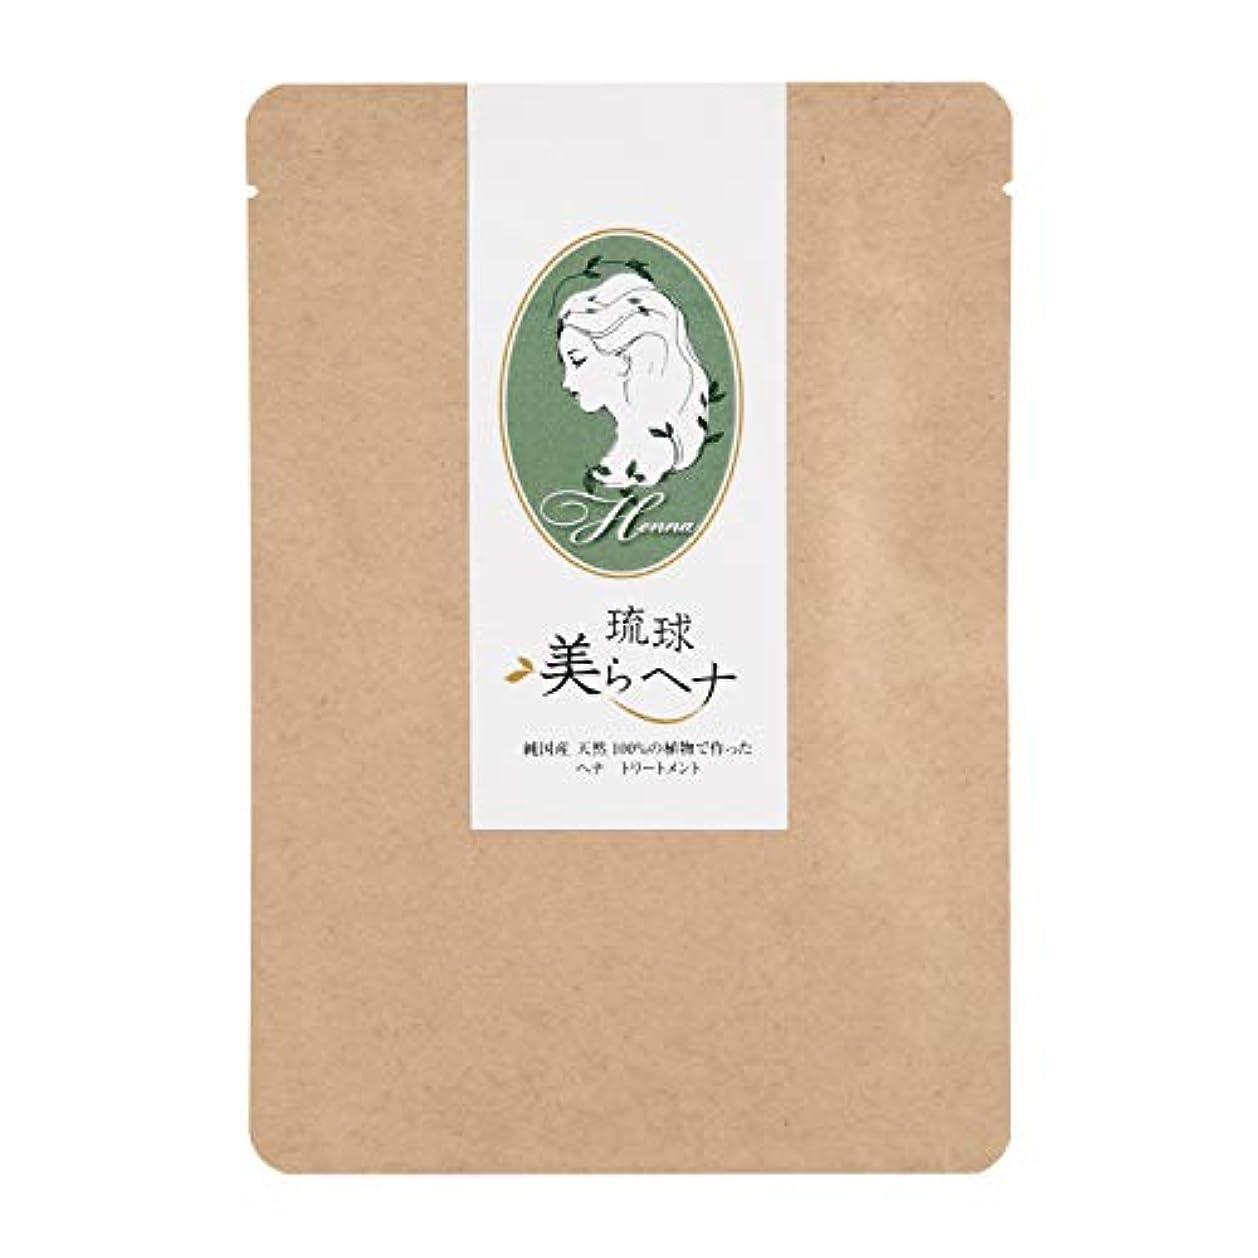 襟自由ズームインする純国産 ヘナ 白髪染め 天然 100% 琉球 美ら (ちゅら) ヘナ 100g